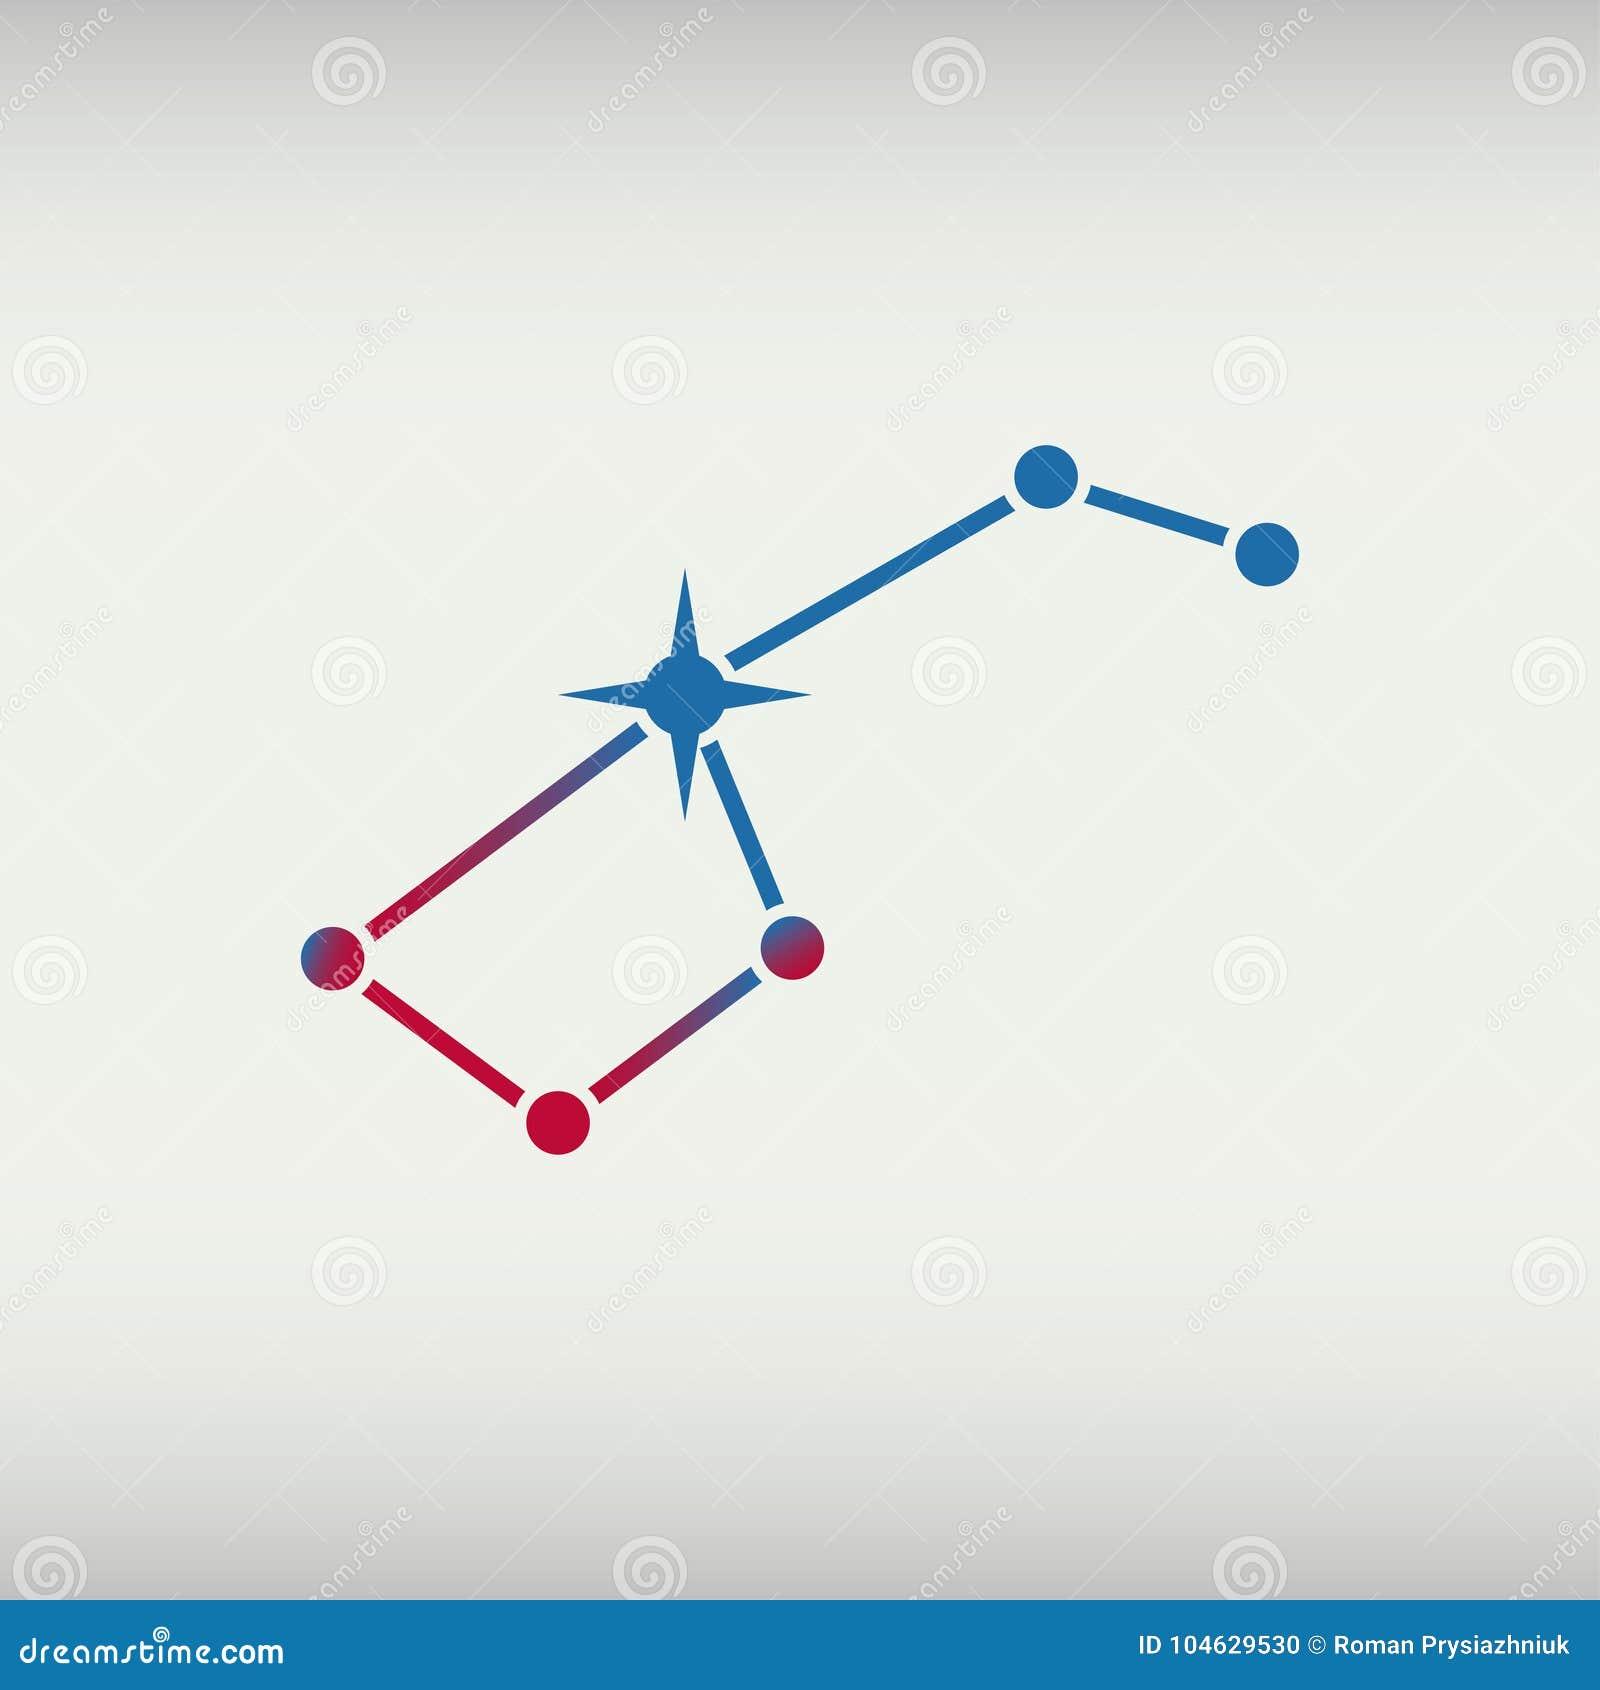 Gradient Abstract Logo Template: Ursa Major. Big Dipper Constellation. Vector Illustration